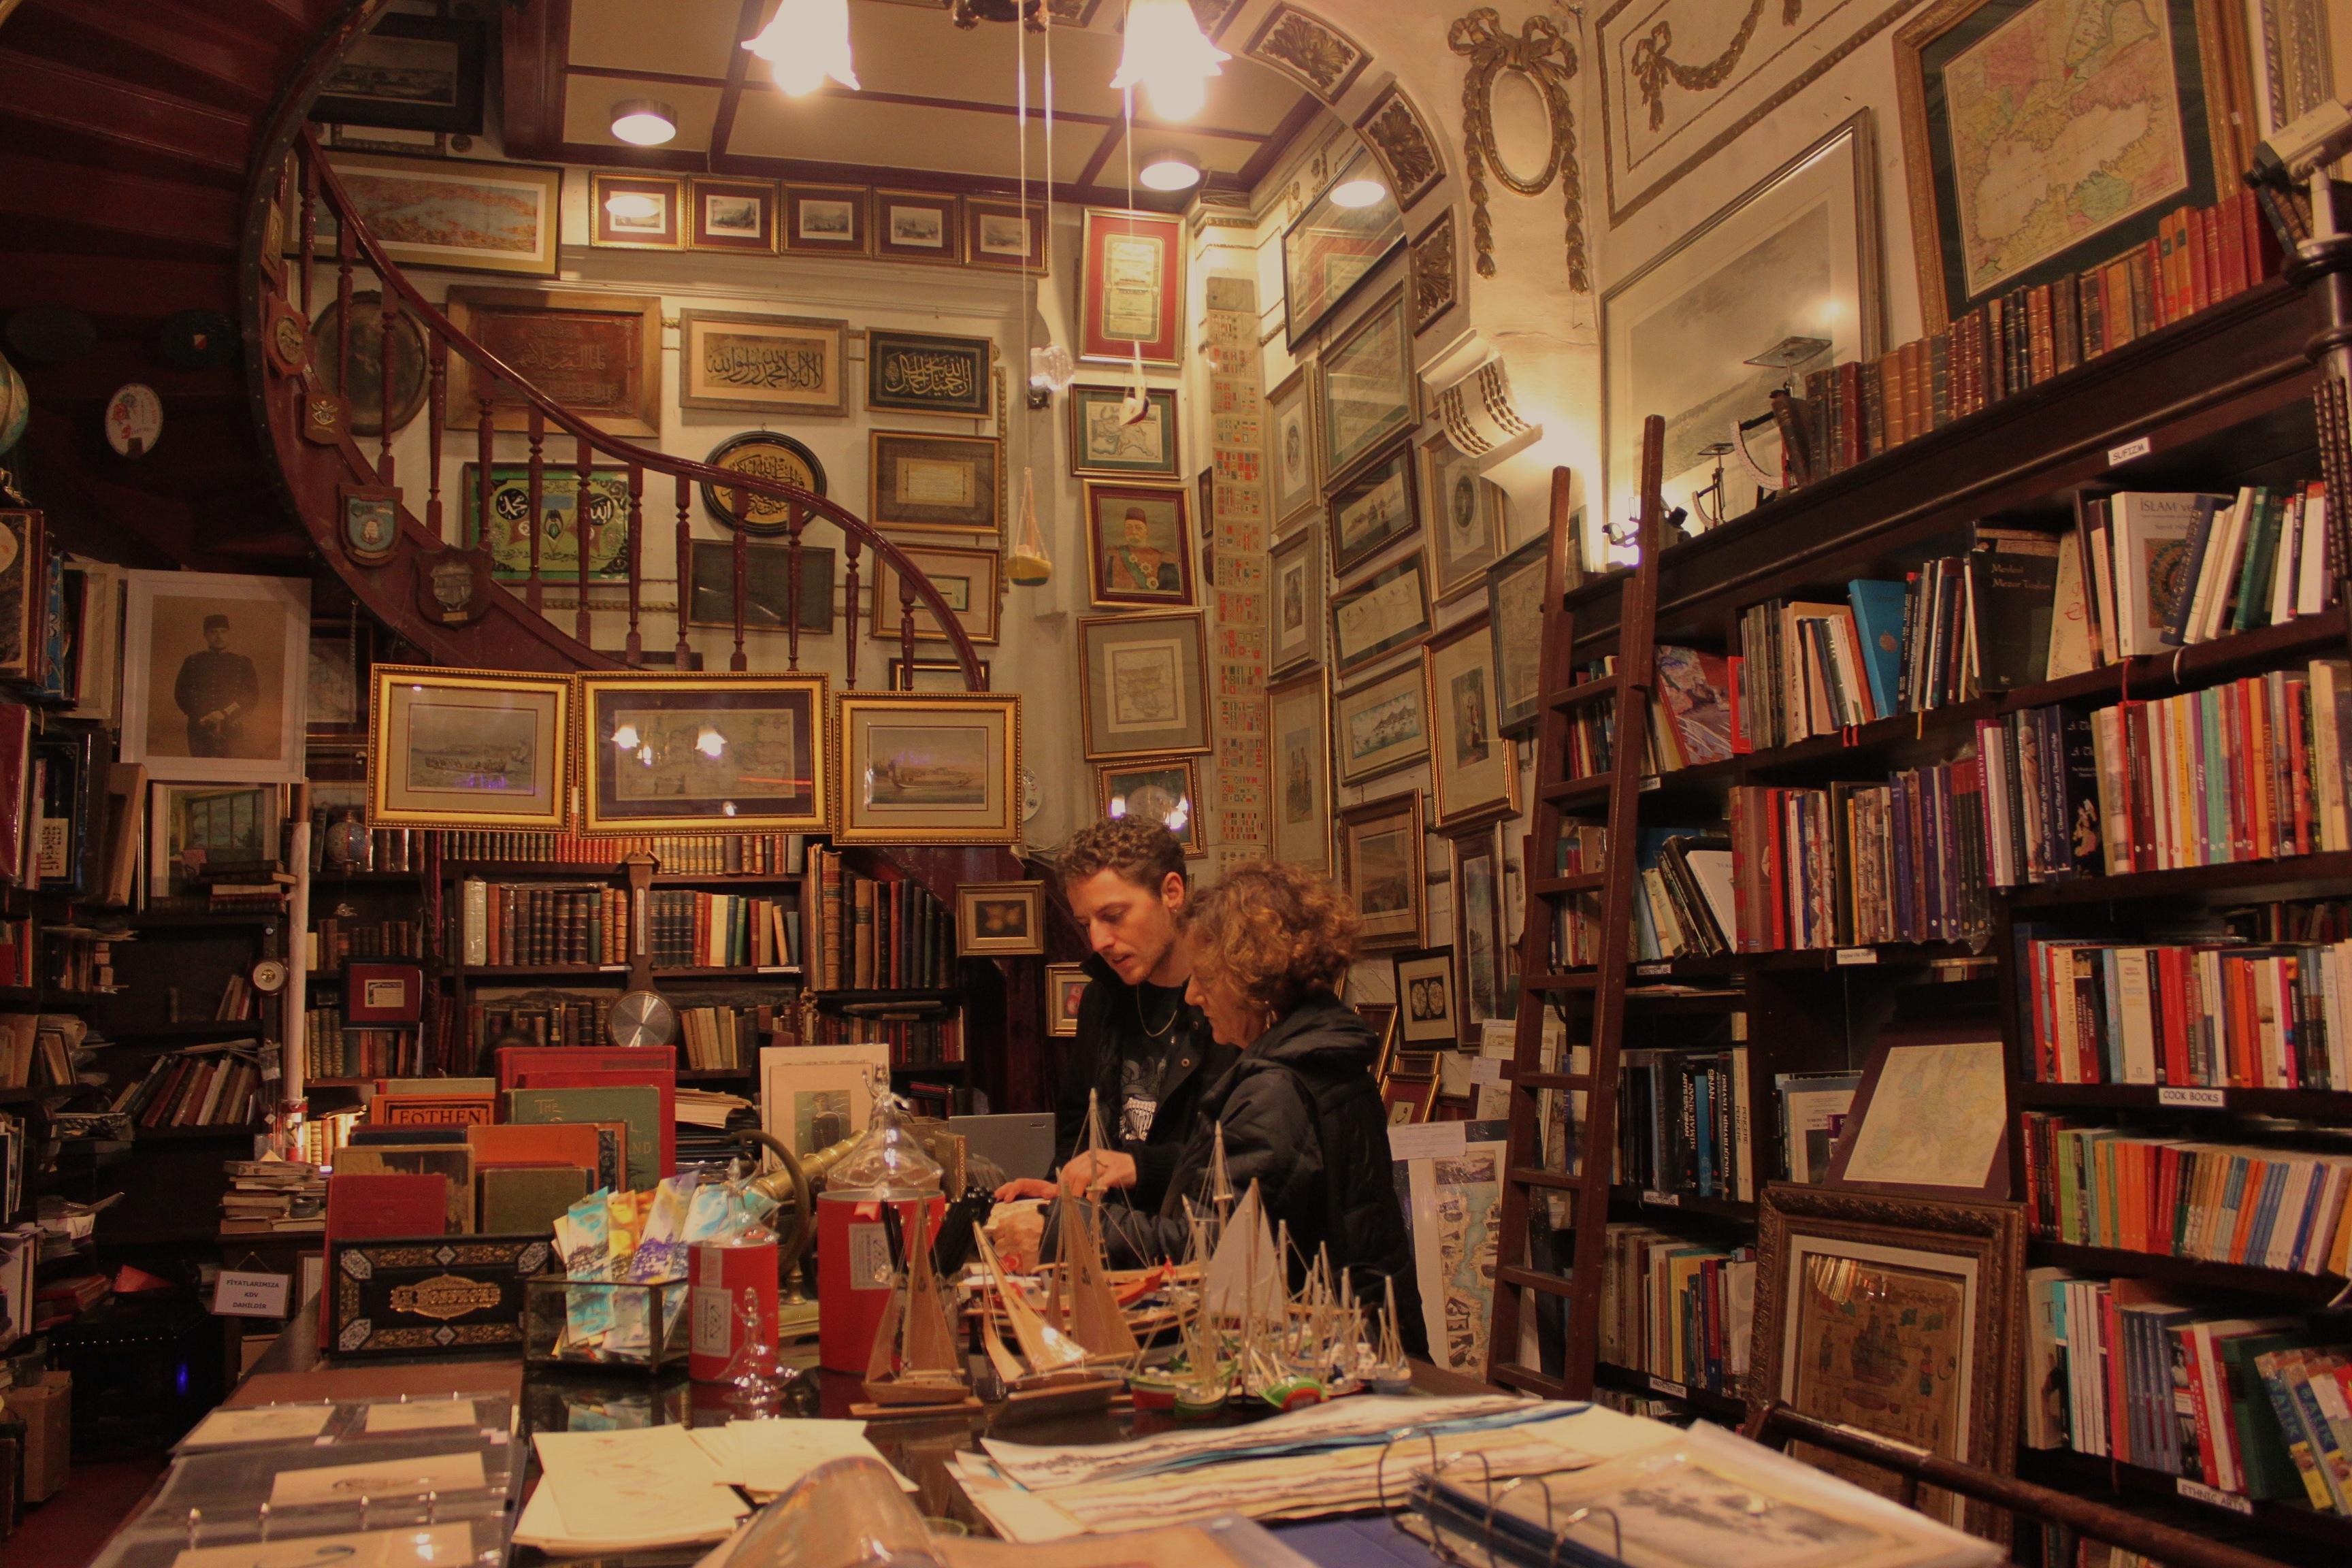 Libreria antica nel centro moderno di Istanbul